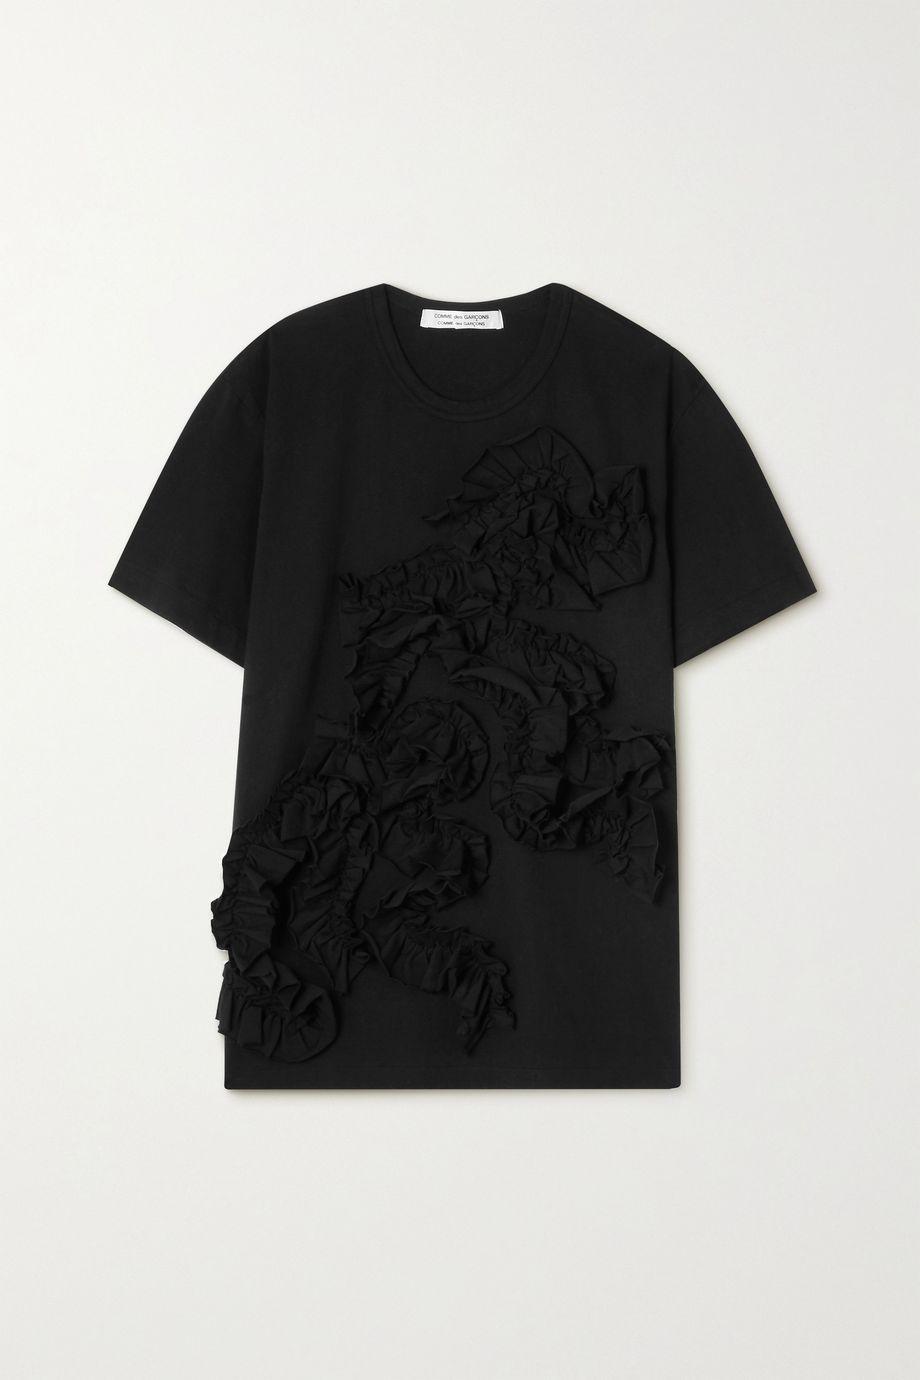 Comme des Garçons Comme des Garçons T-Shirt aus Baumwoll-Jersey mit Rüschen